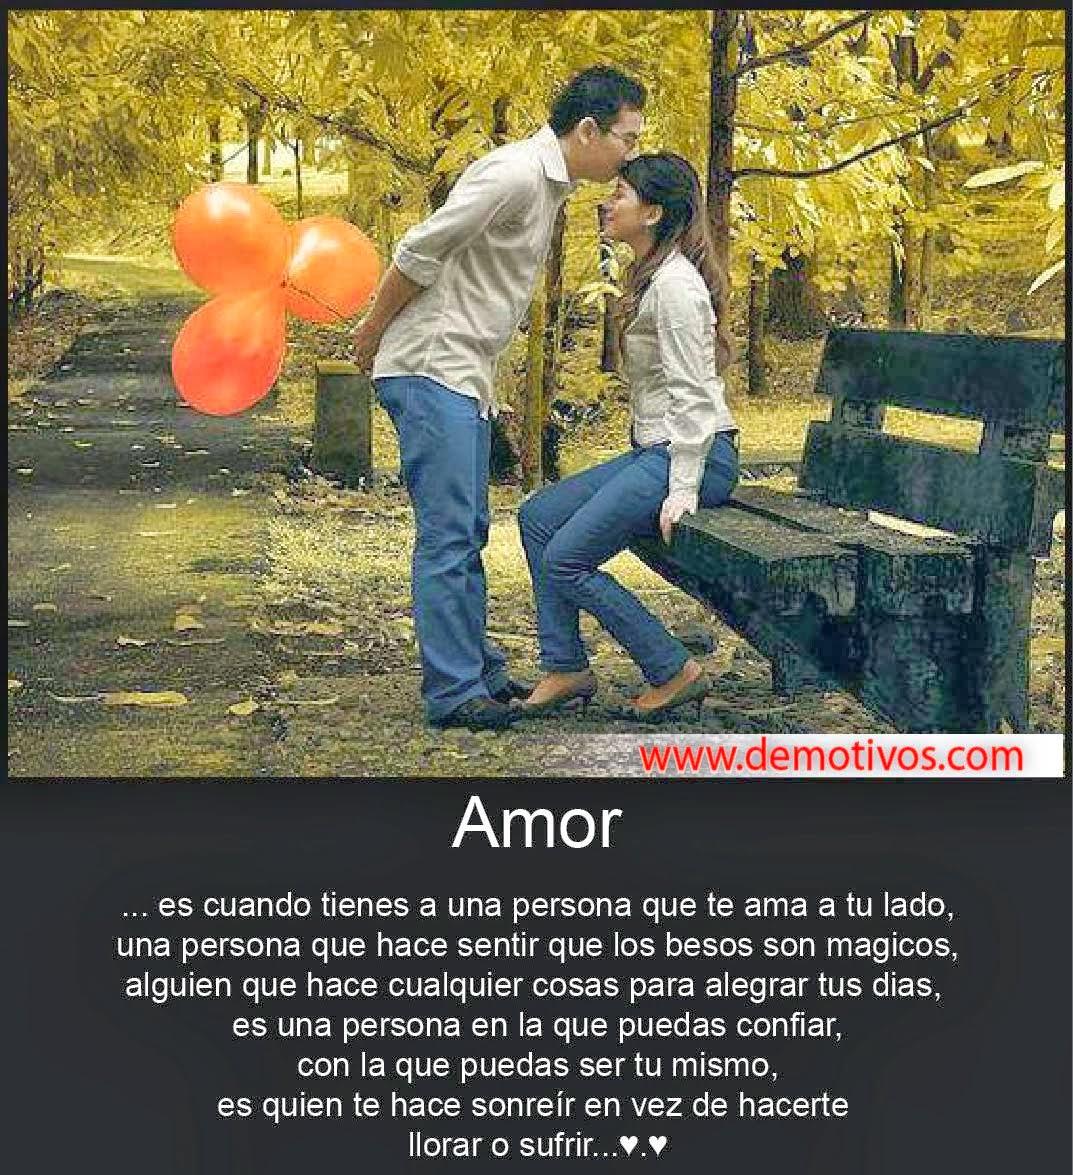 Frases De Amor Amor Es Cuando Tienes Una Persona Que Te Ama A Tu Lado